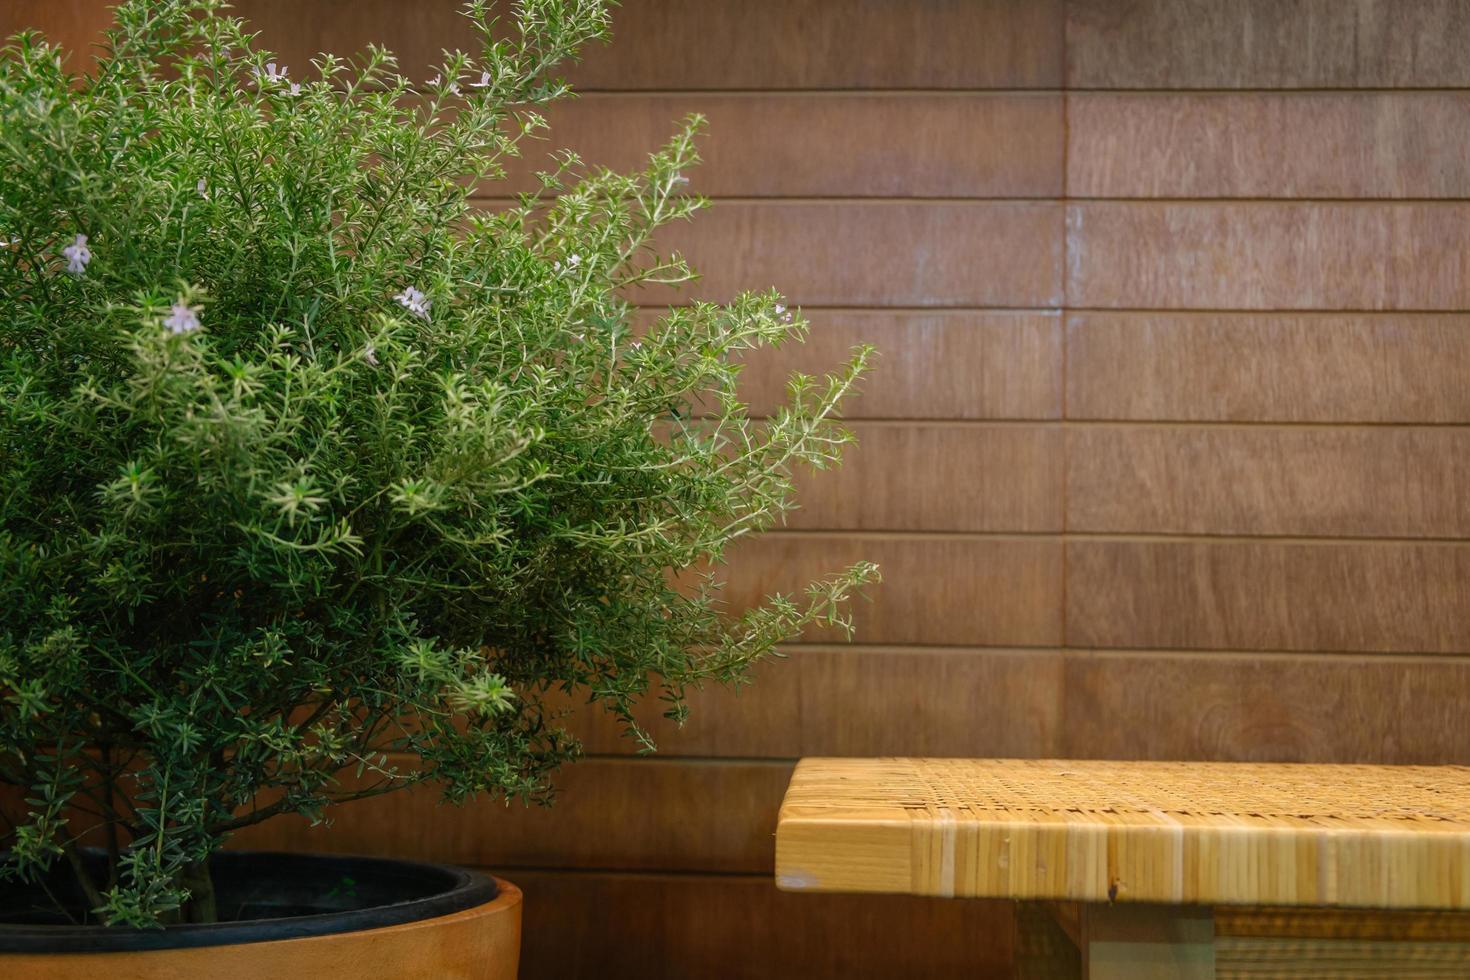 un banc et une plante verte photo